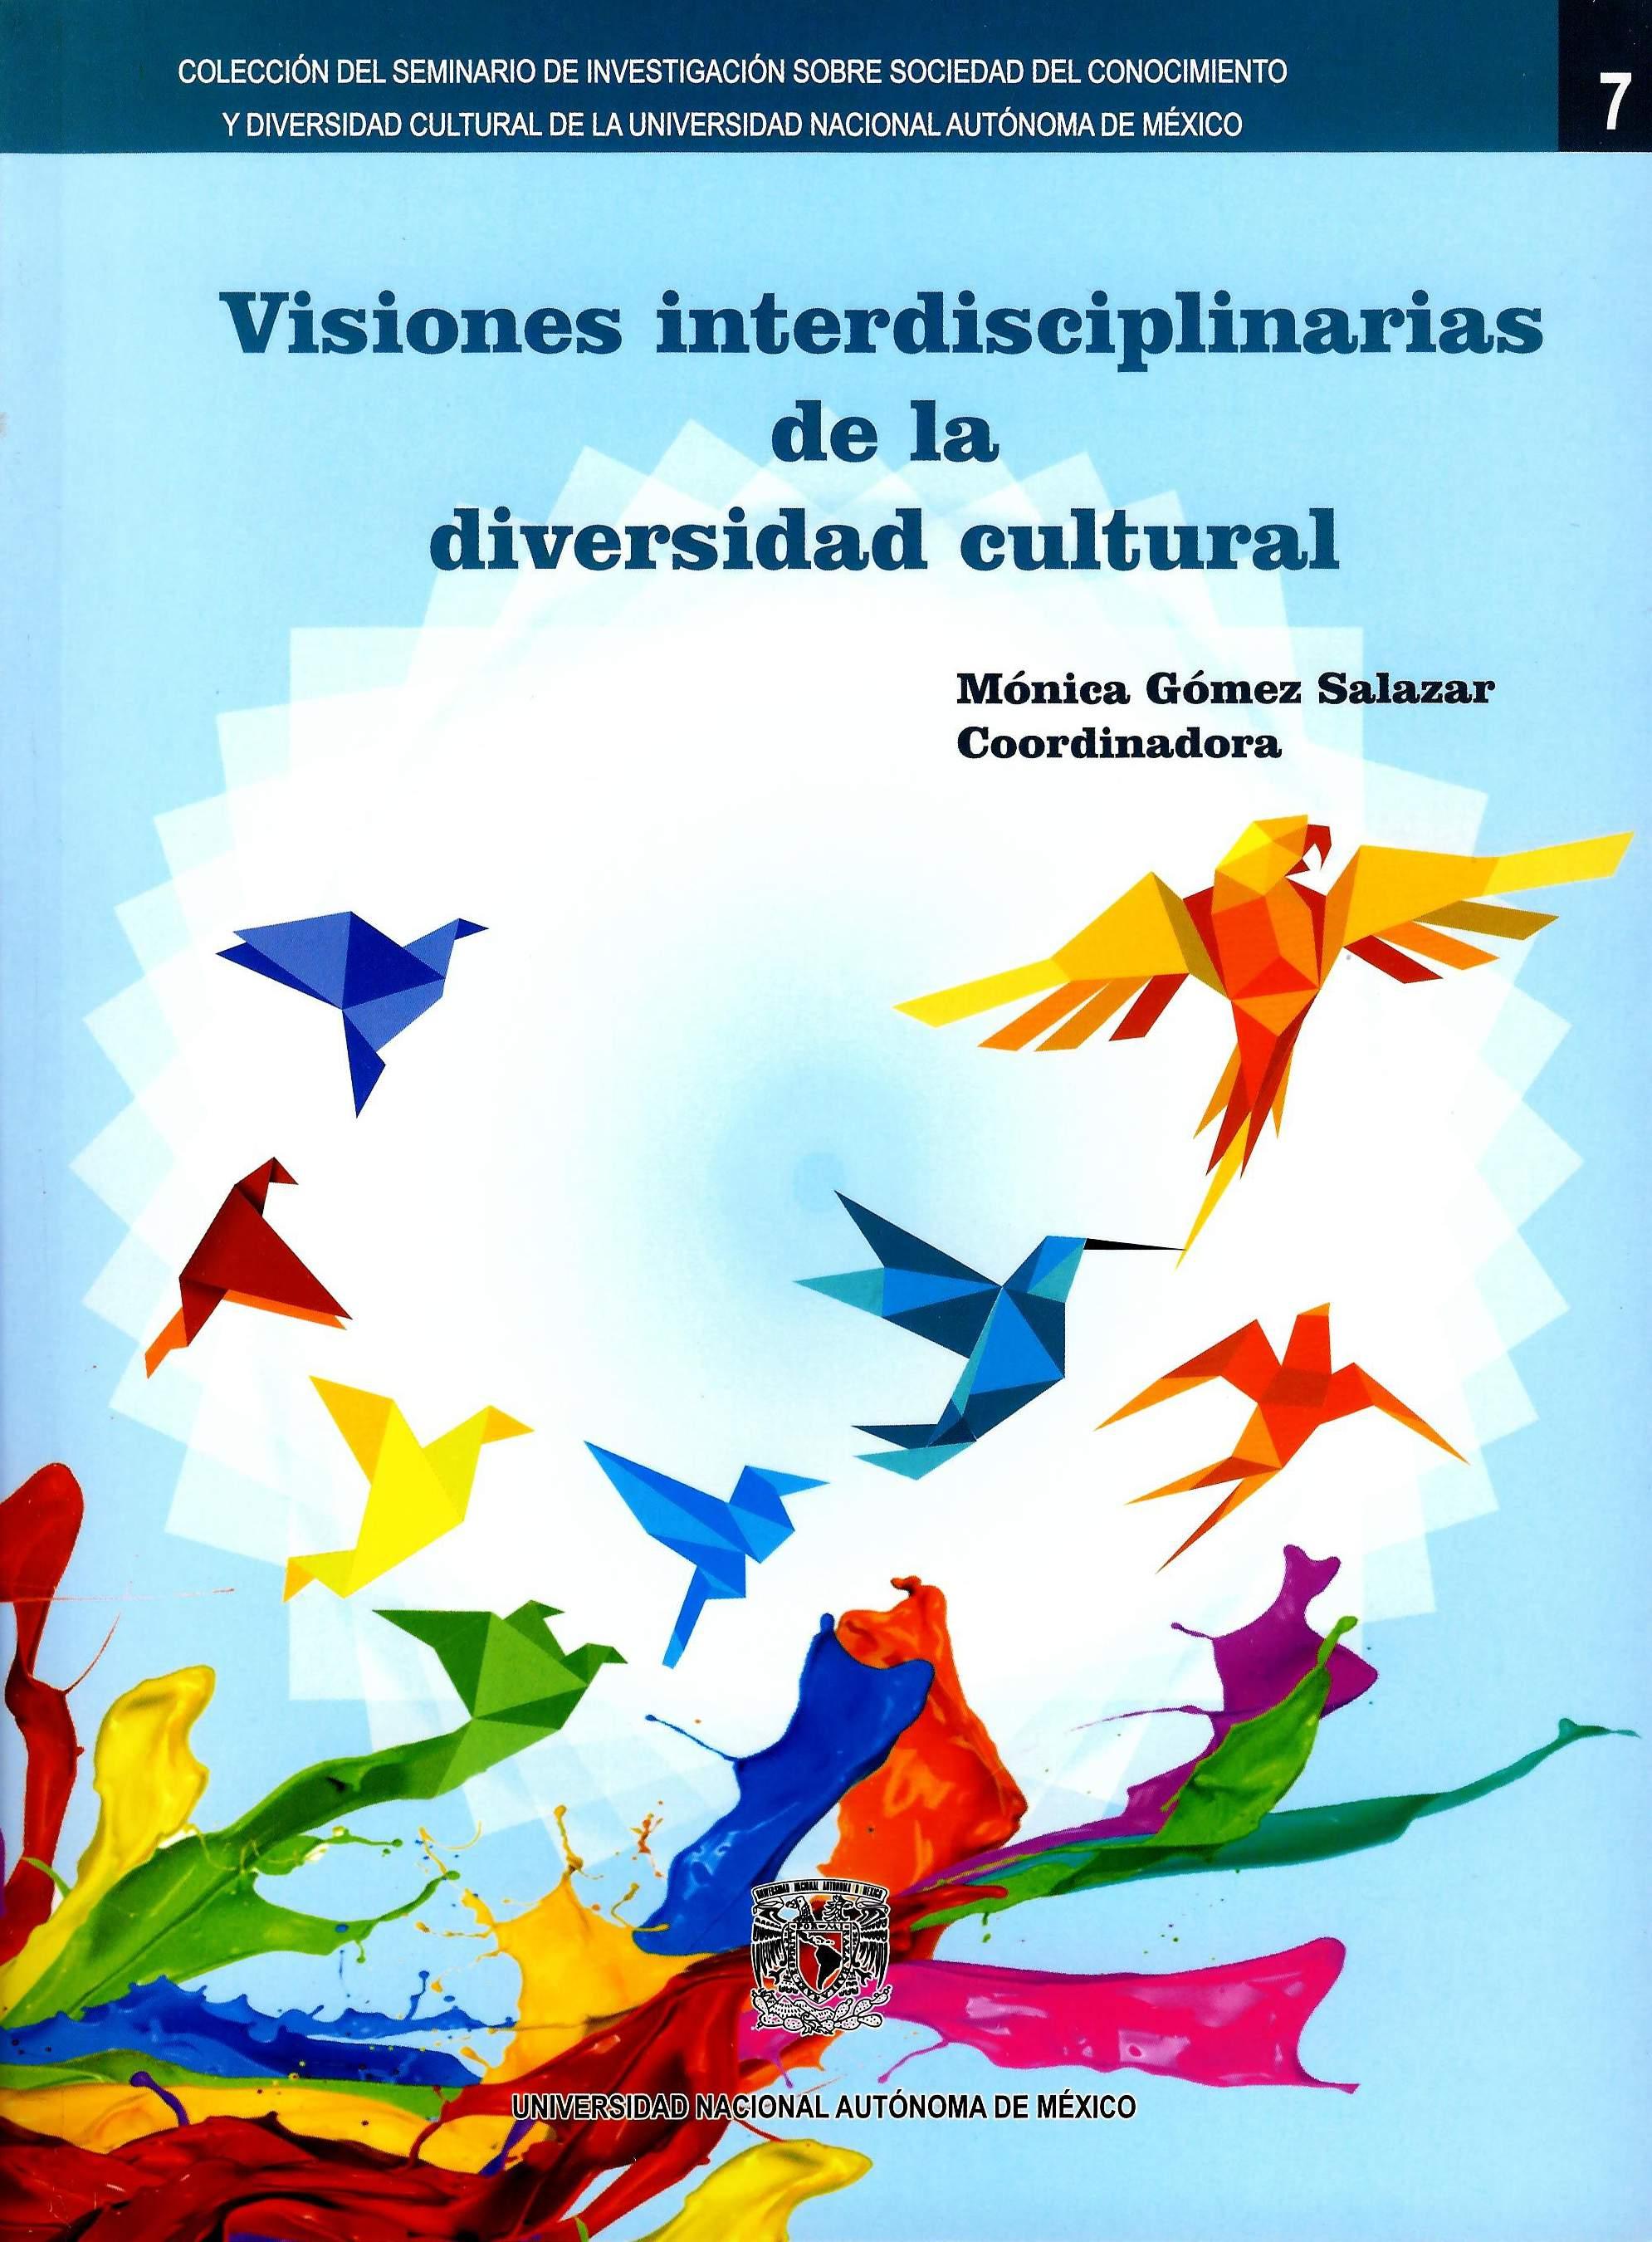 Visiones interdisciplinarias de la diversidad cultural